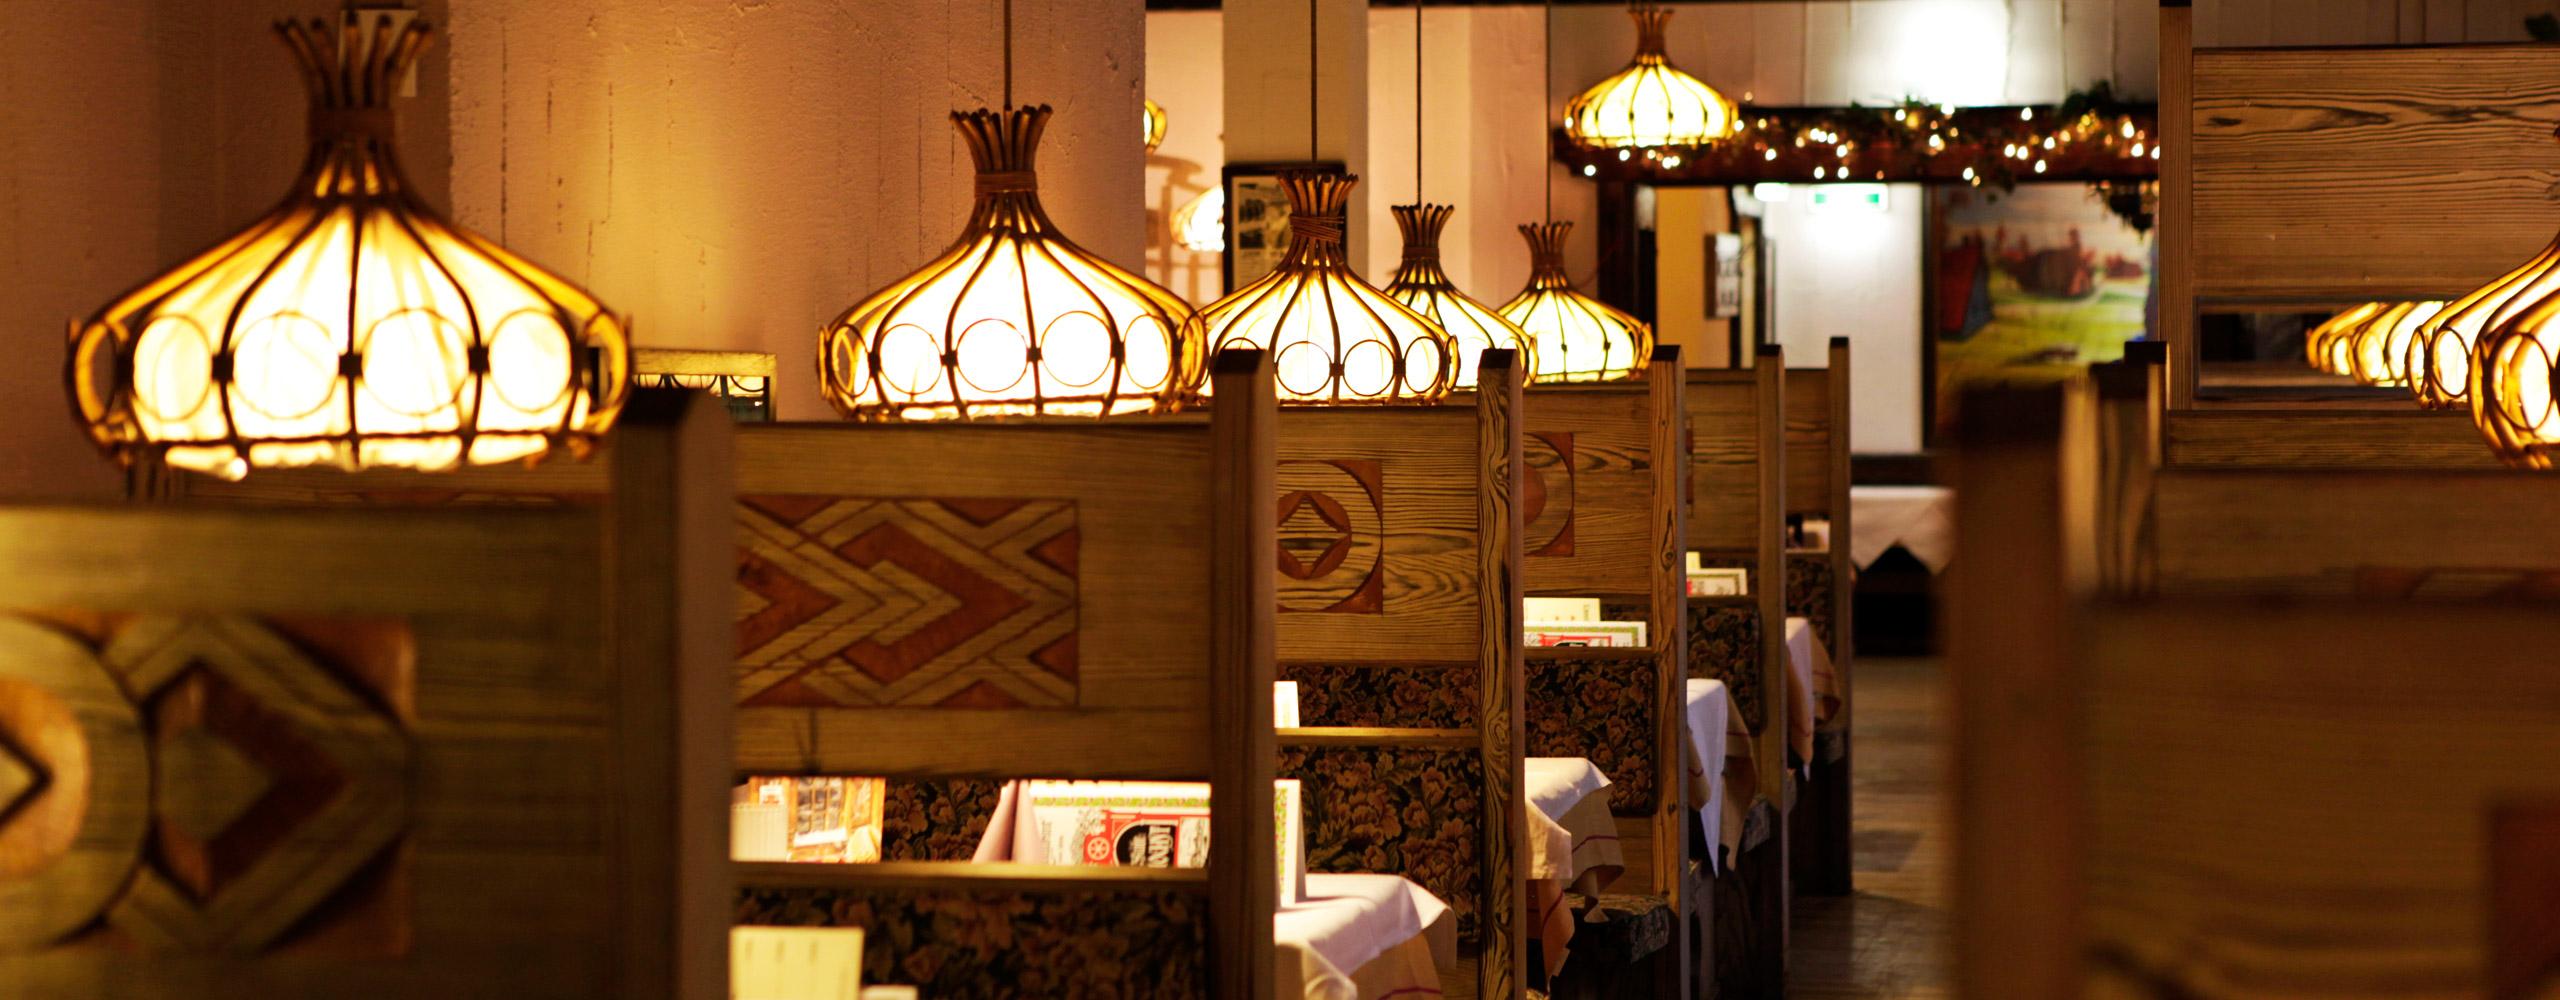 jugoslawische k che frankfurt kleine m cken in k che bek mpfen eine new york leseprobe. Black Bedroom Furniture Sets. Home Design Ideas